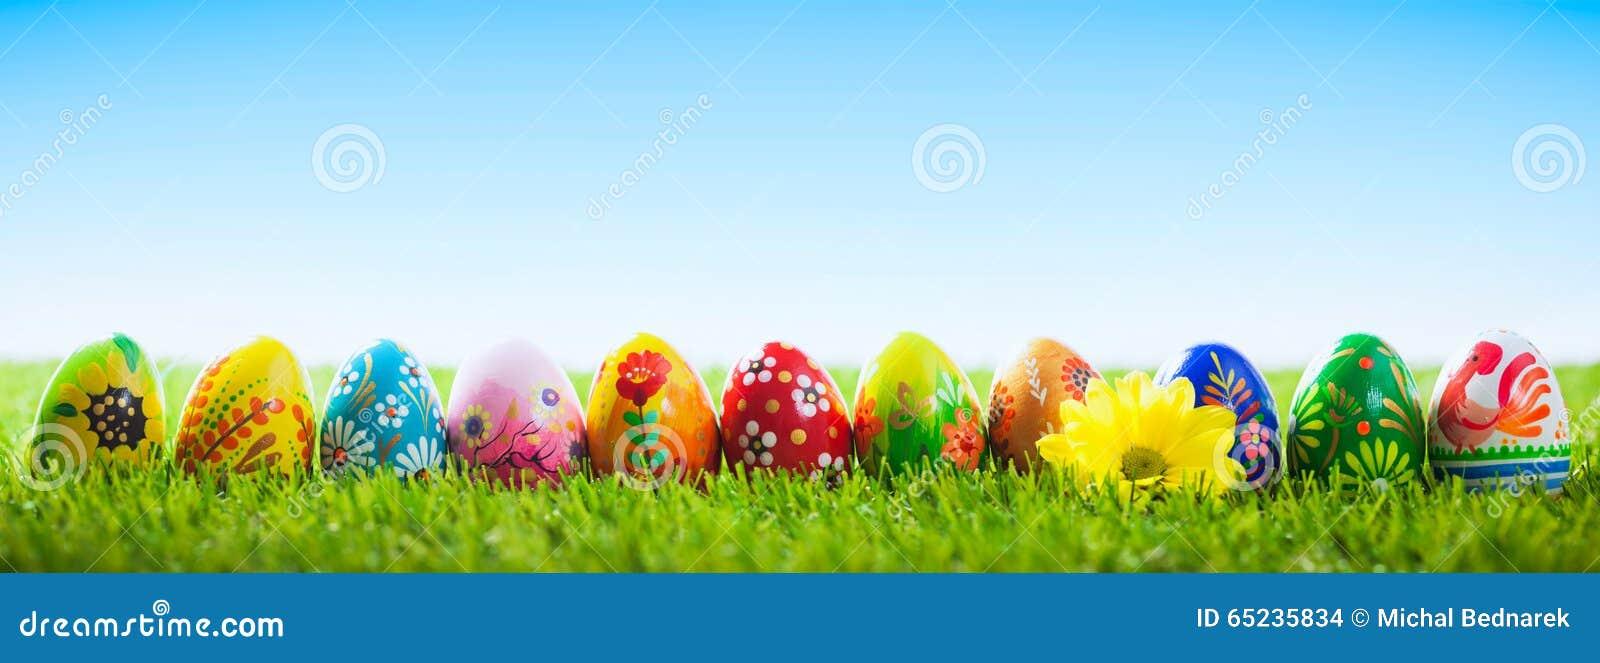 Ζωηρόχρωμα χρωματισμένα χέρι αυγά Πάσχας στη χλόη Έμβλημα, πανοραμικό